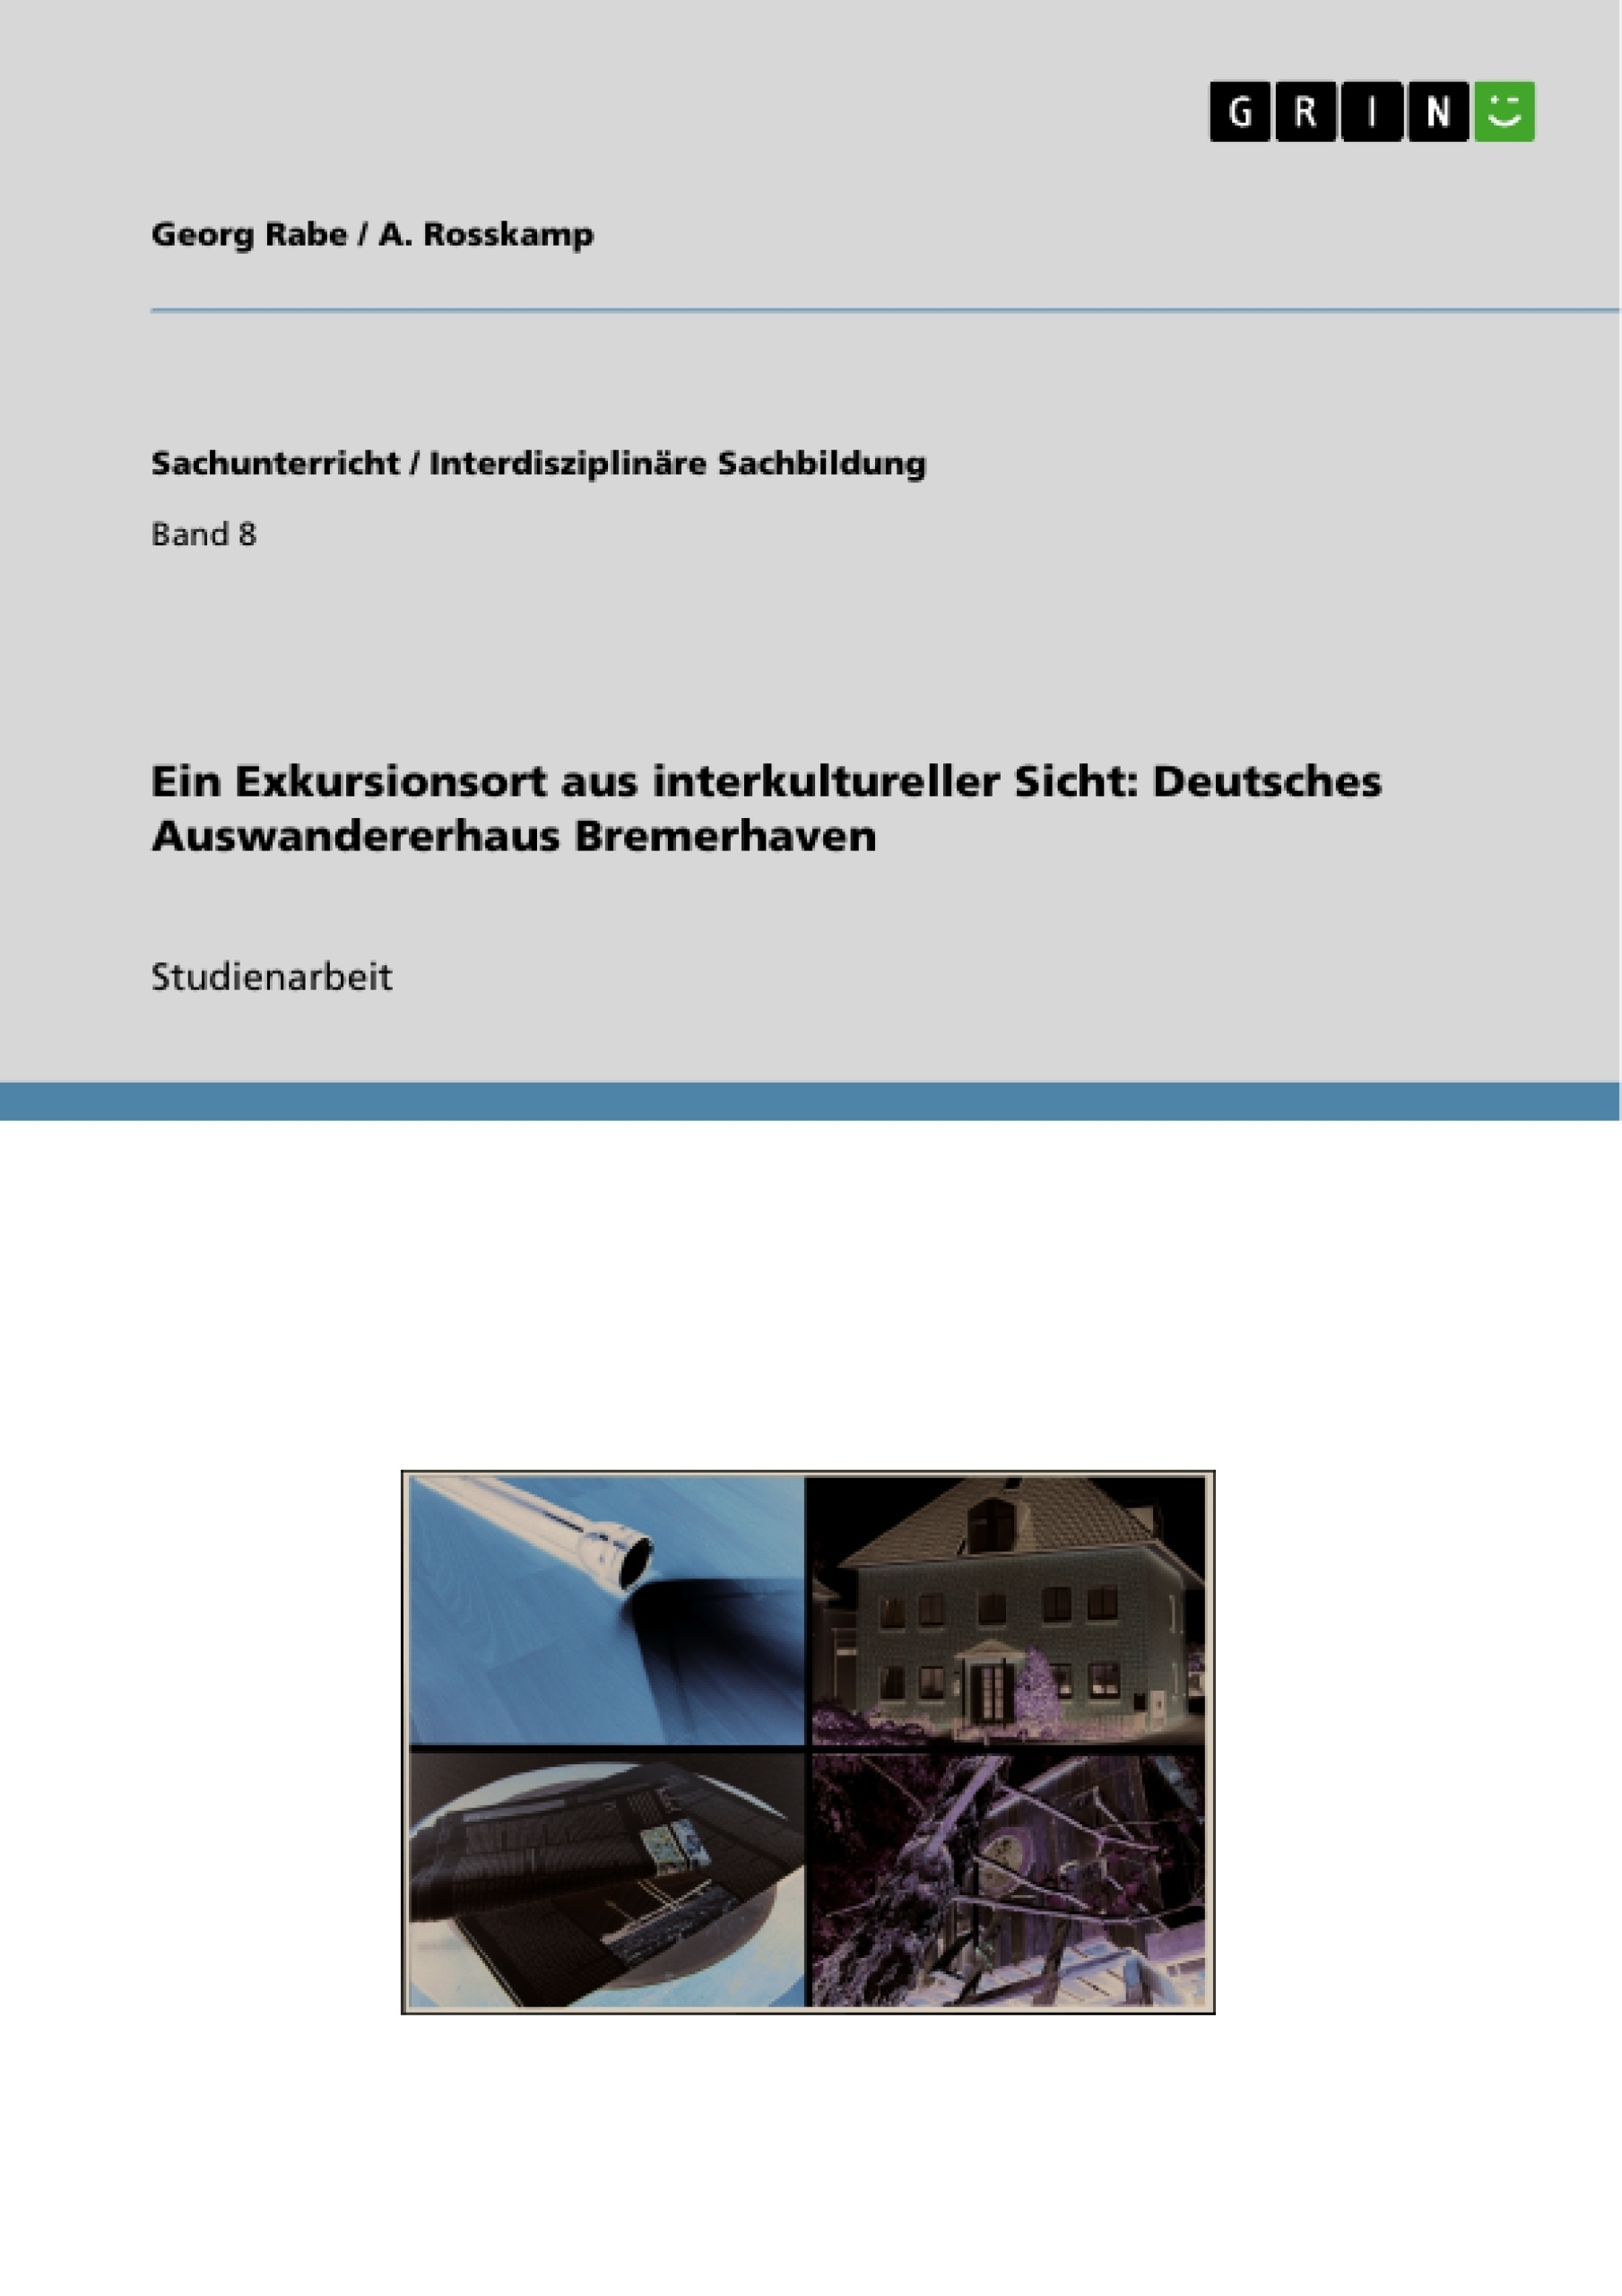 Titel: Ein Exkursionsort aus interkultureller Sicht: Deutsches Auswandererhaus Bremerhaven